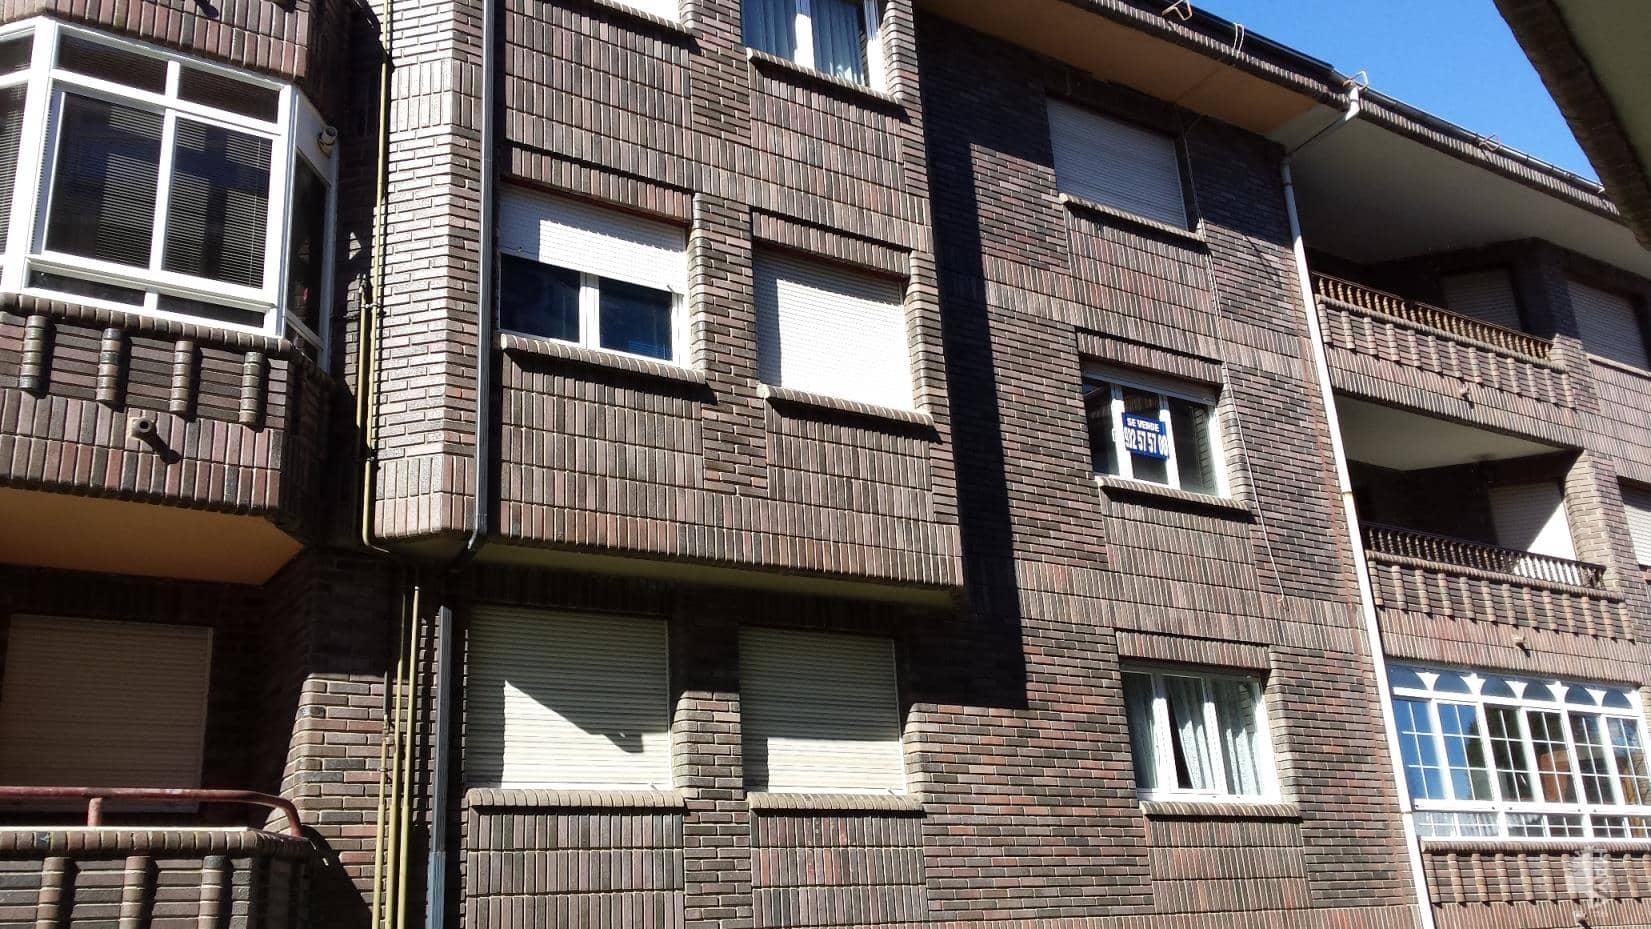 Piso en venta en Llanos de Alba, la Robla, León, Plaza Polideportivo, 57.000 €, 3 habitaciones, 1 baño, 97 m2